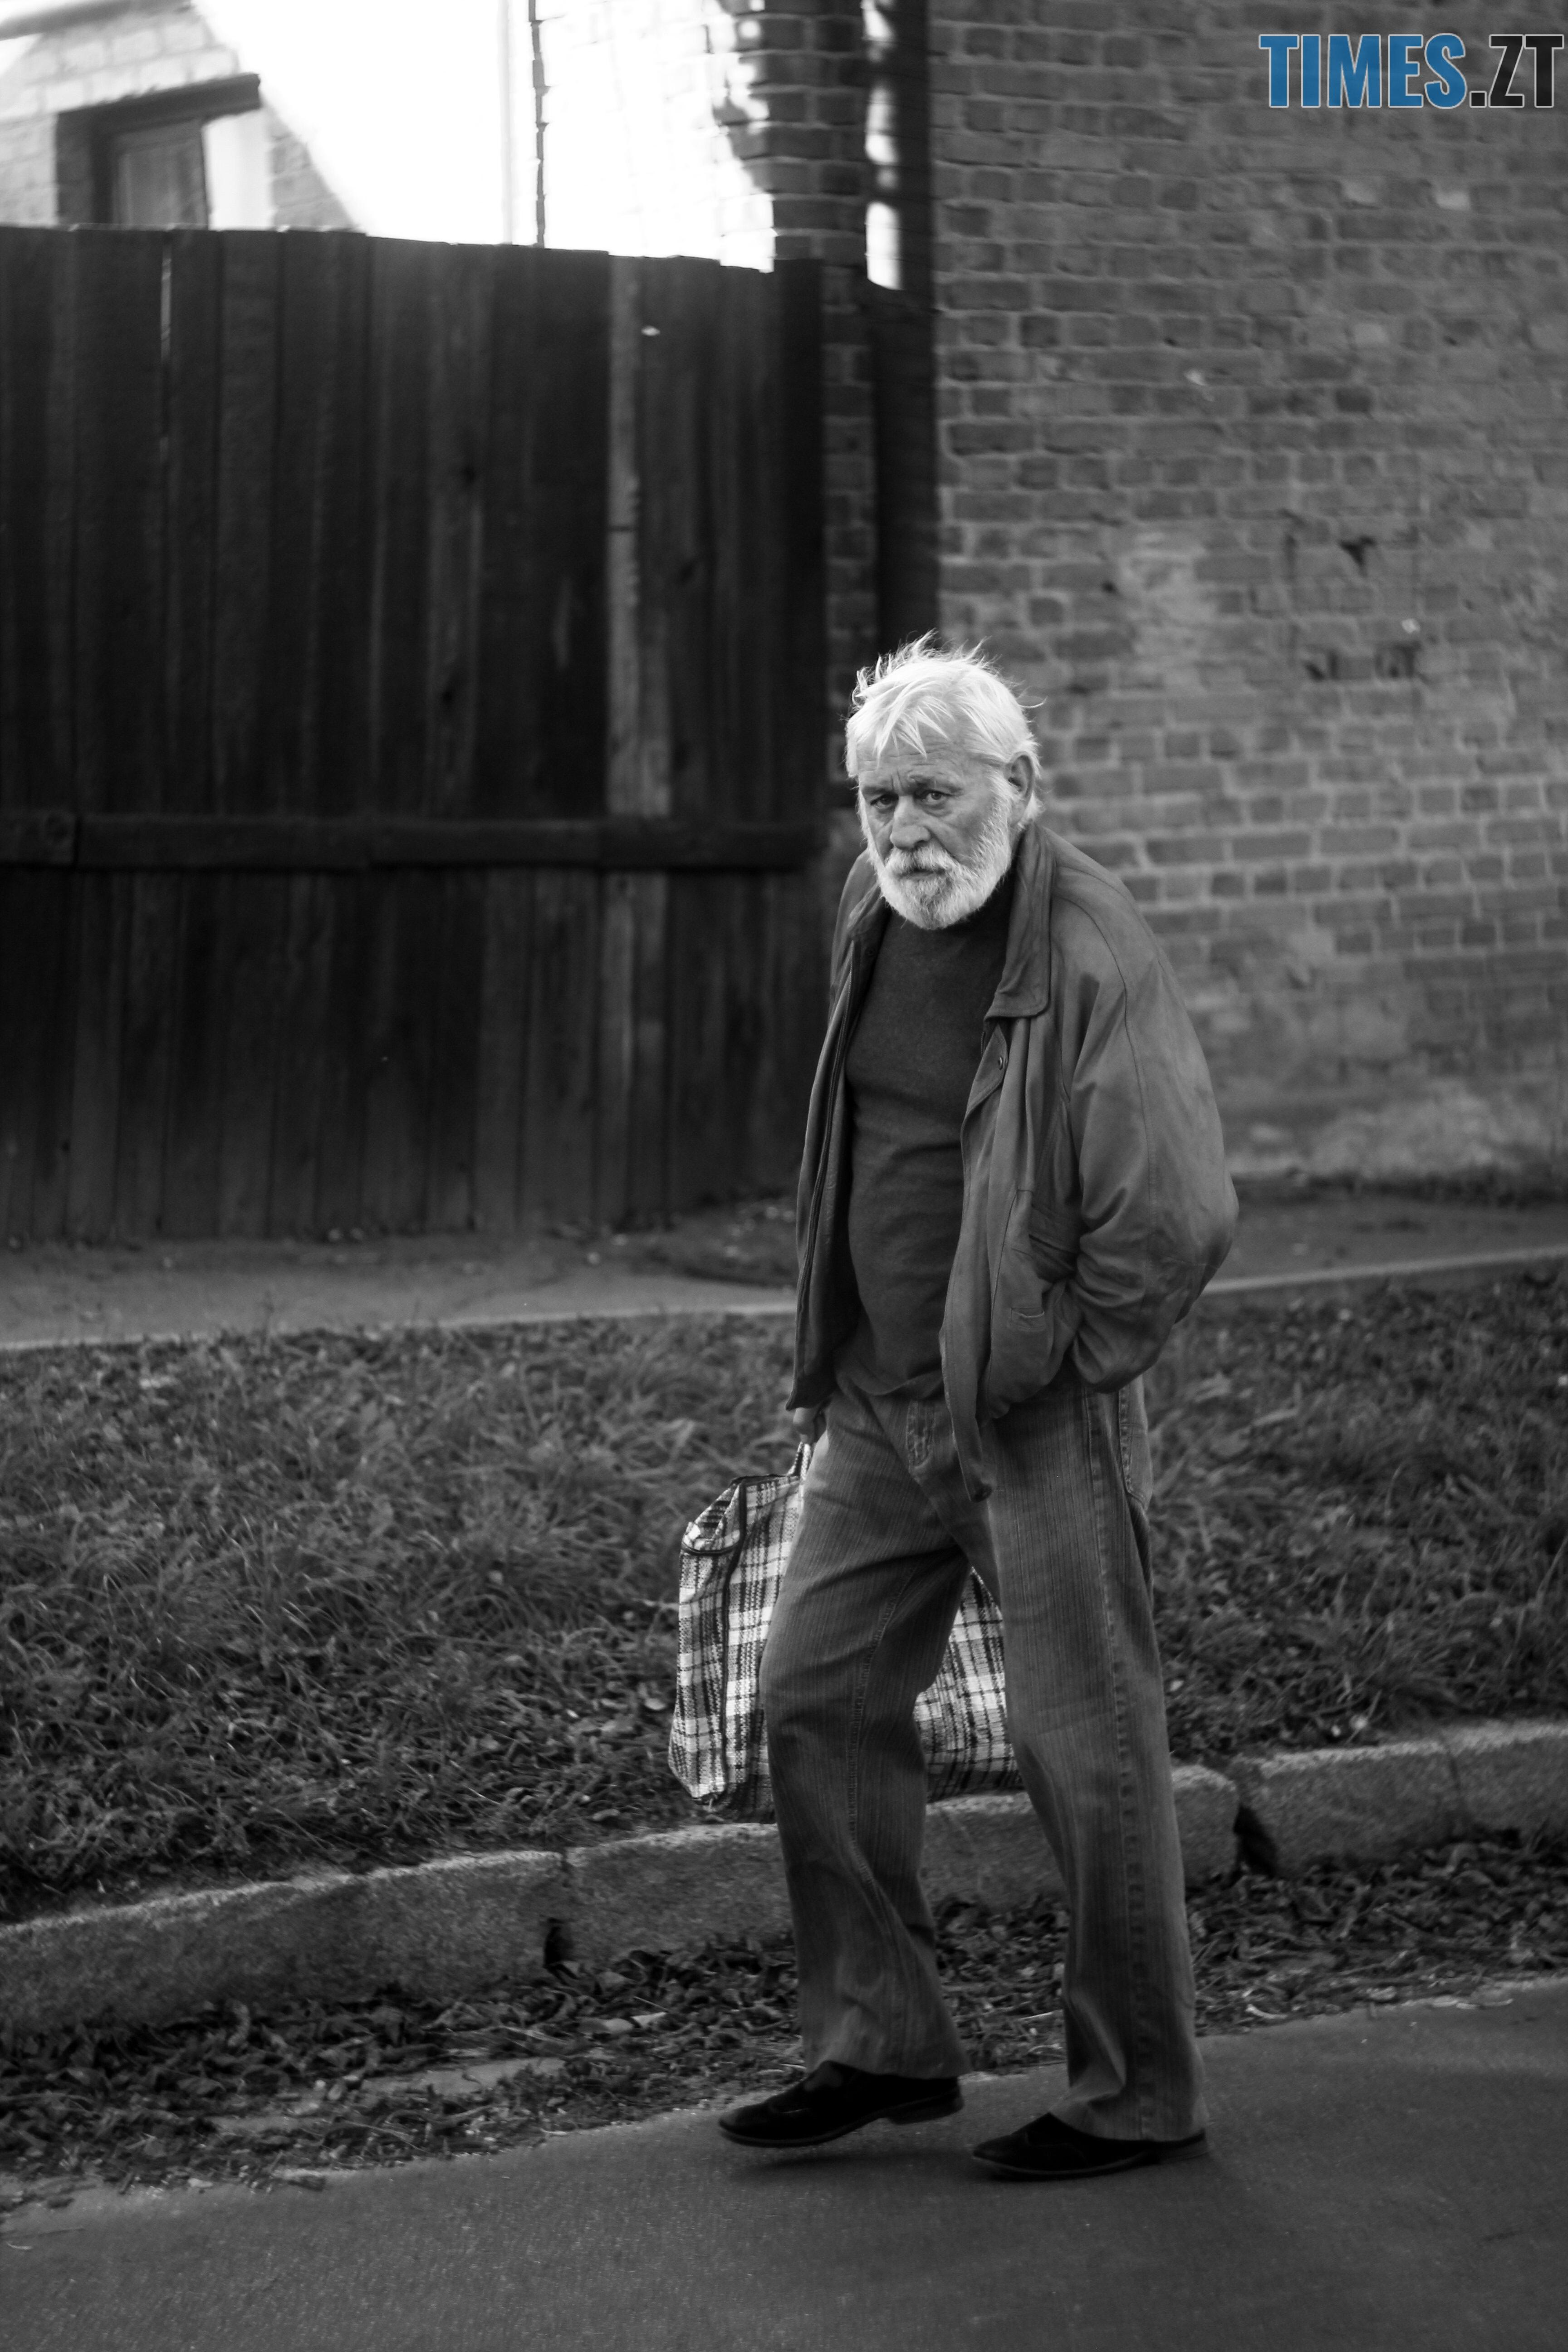 IMG 0908 - Старість чи її відчуття: звичайні будні житомирян поважного віку (ФОТОРЕПОРТАЖ)